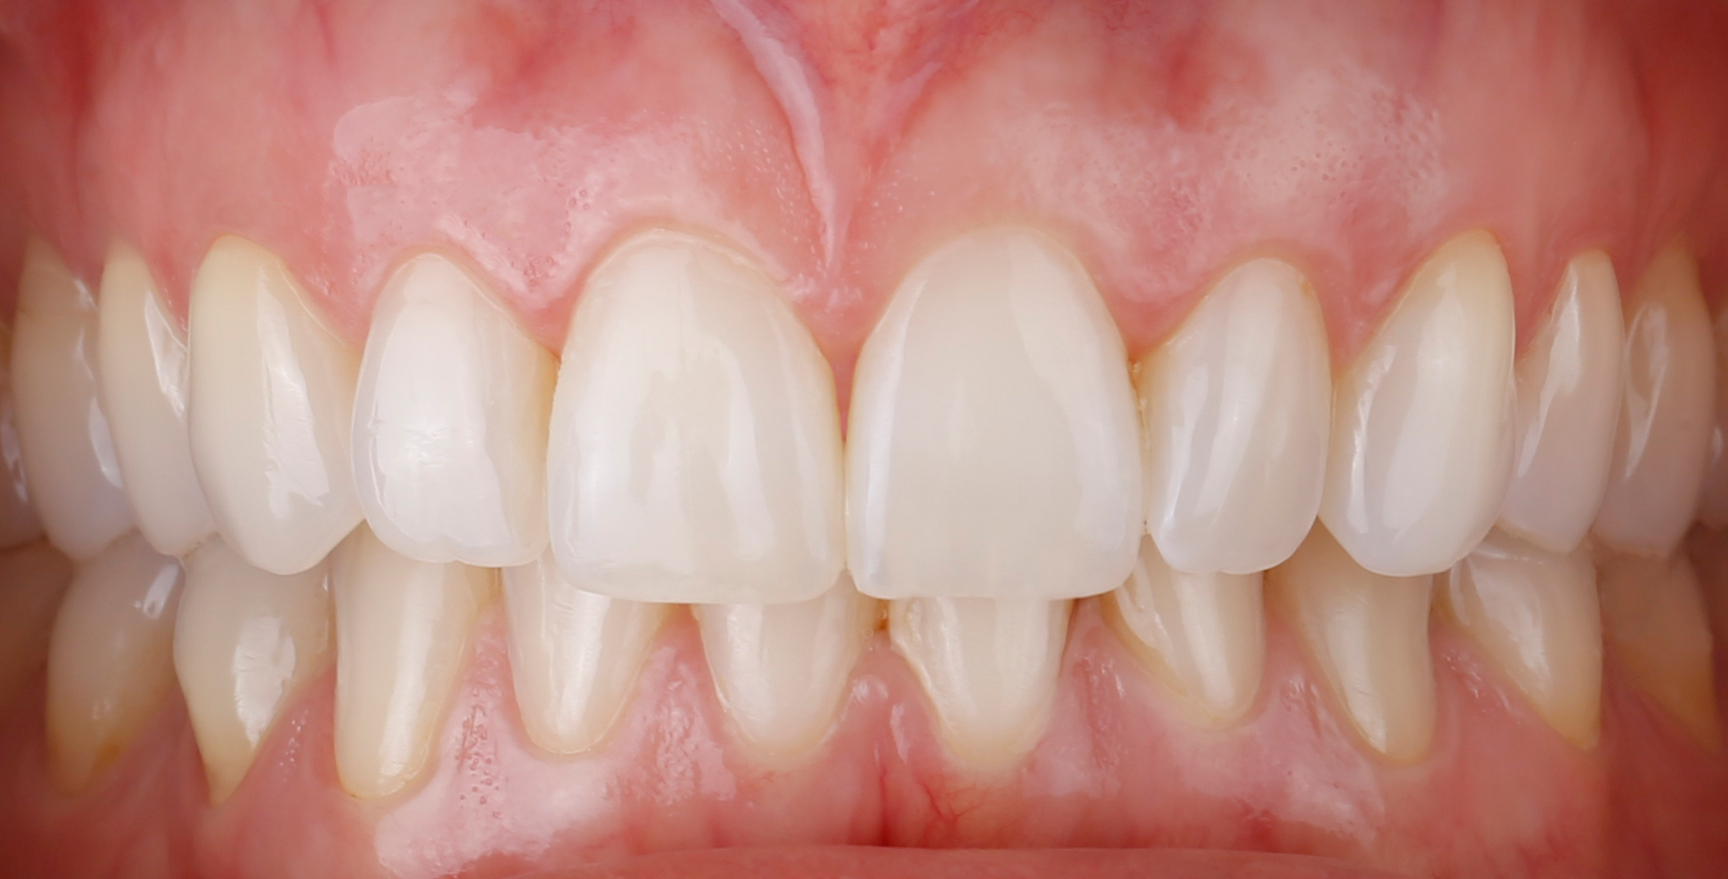 Ästhetische Zahnheilkunde, Schöne Zähne, schönes Lächeln